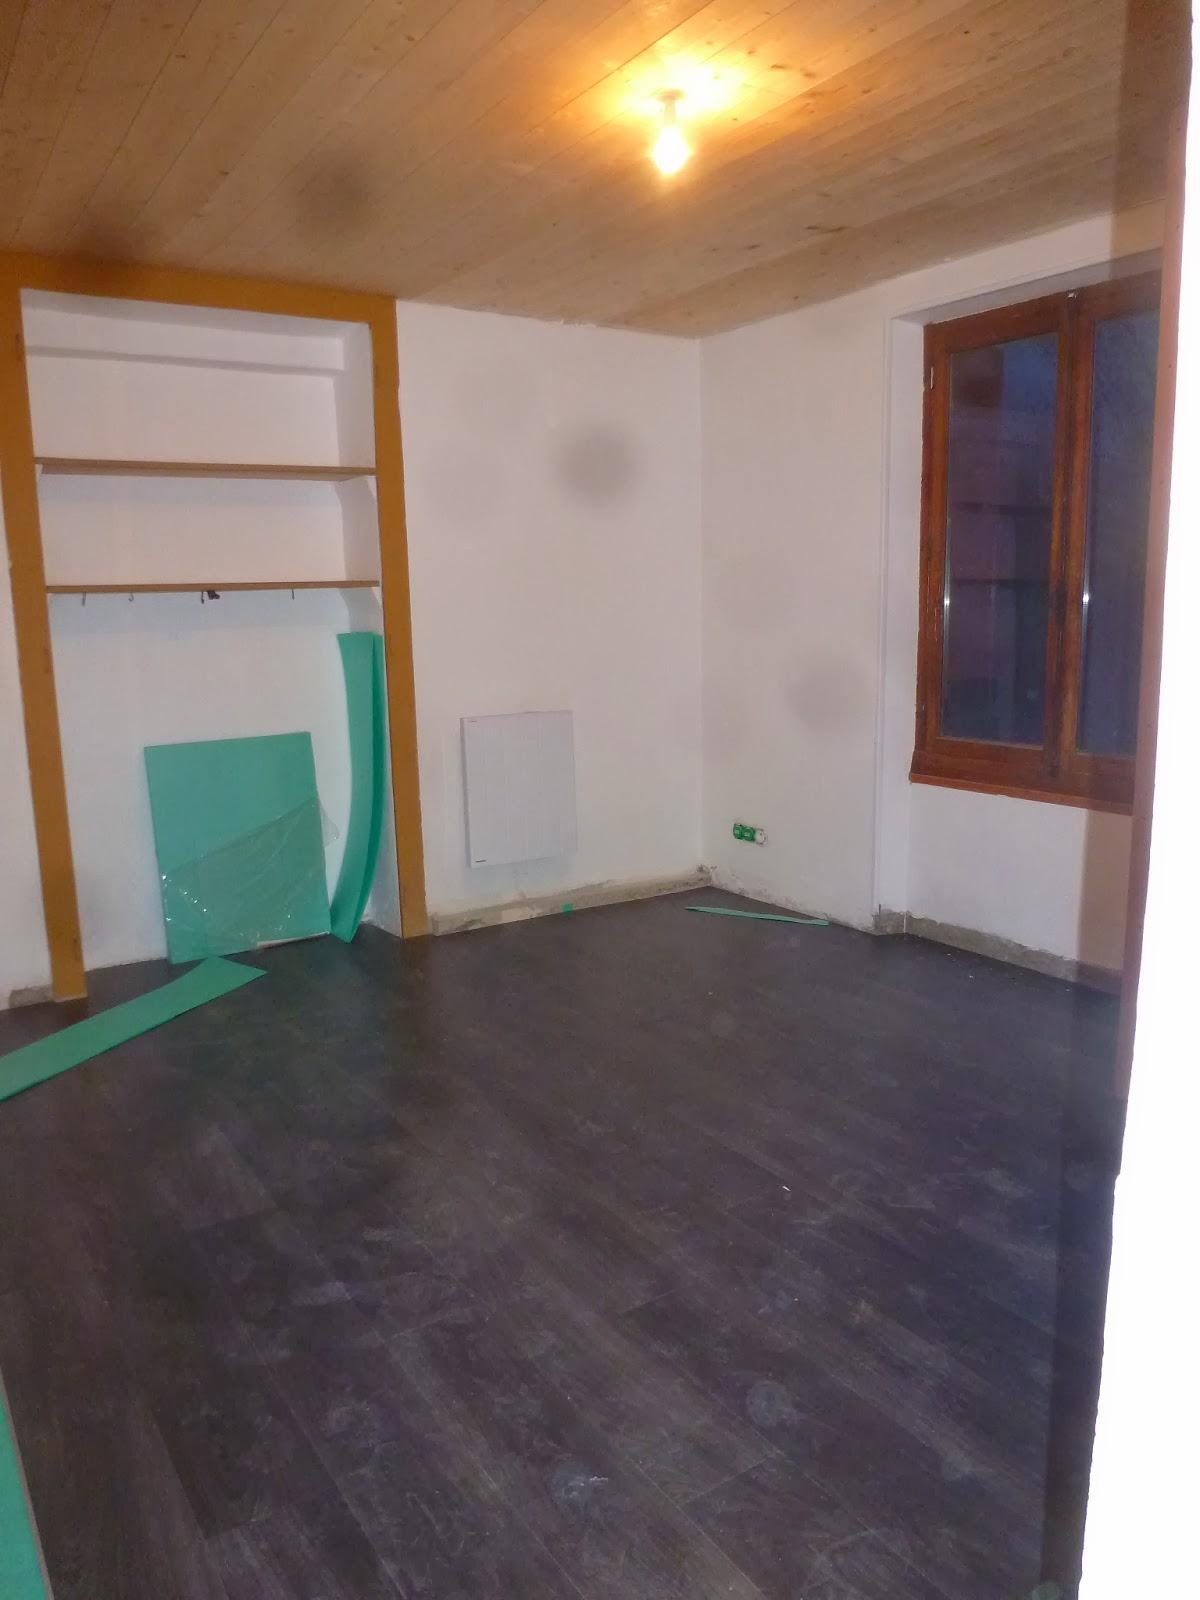 aure&del: 23 et 24 décembre- Parquet de notre chambre - Lambris PVC